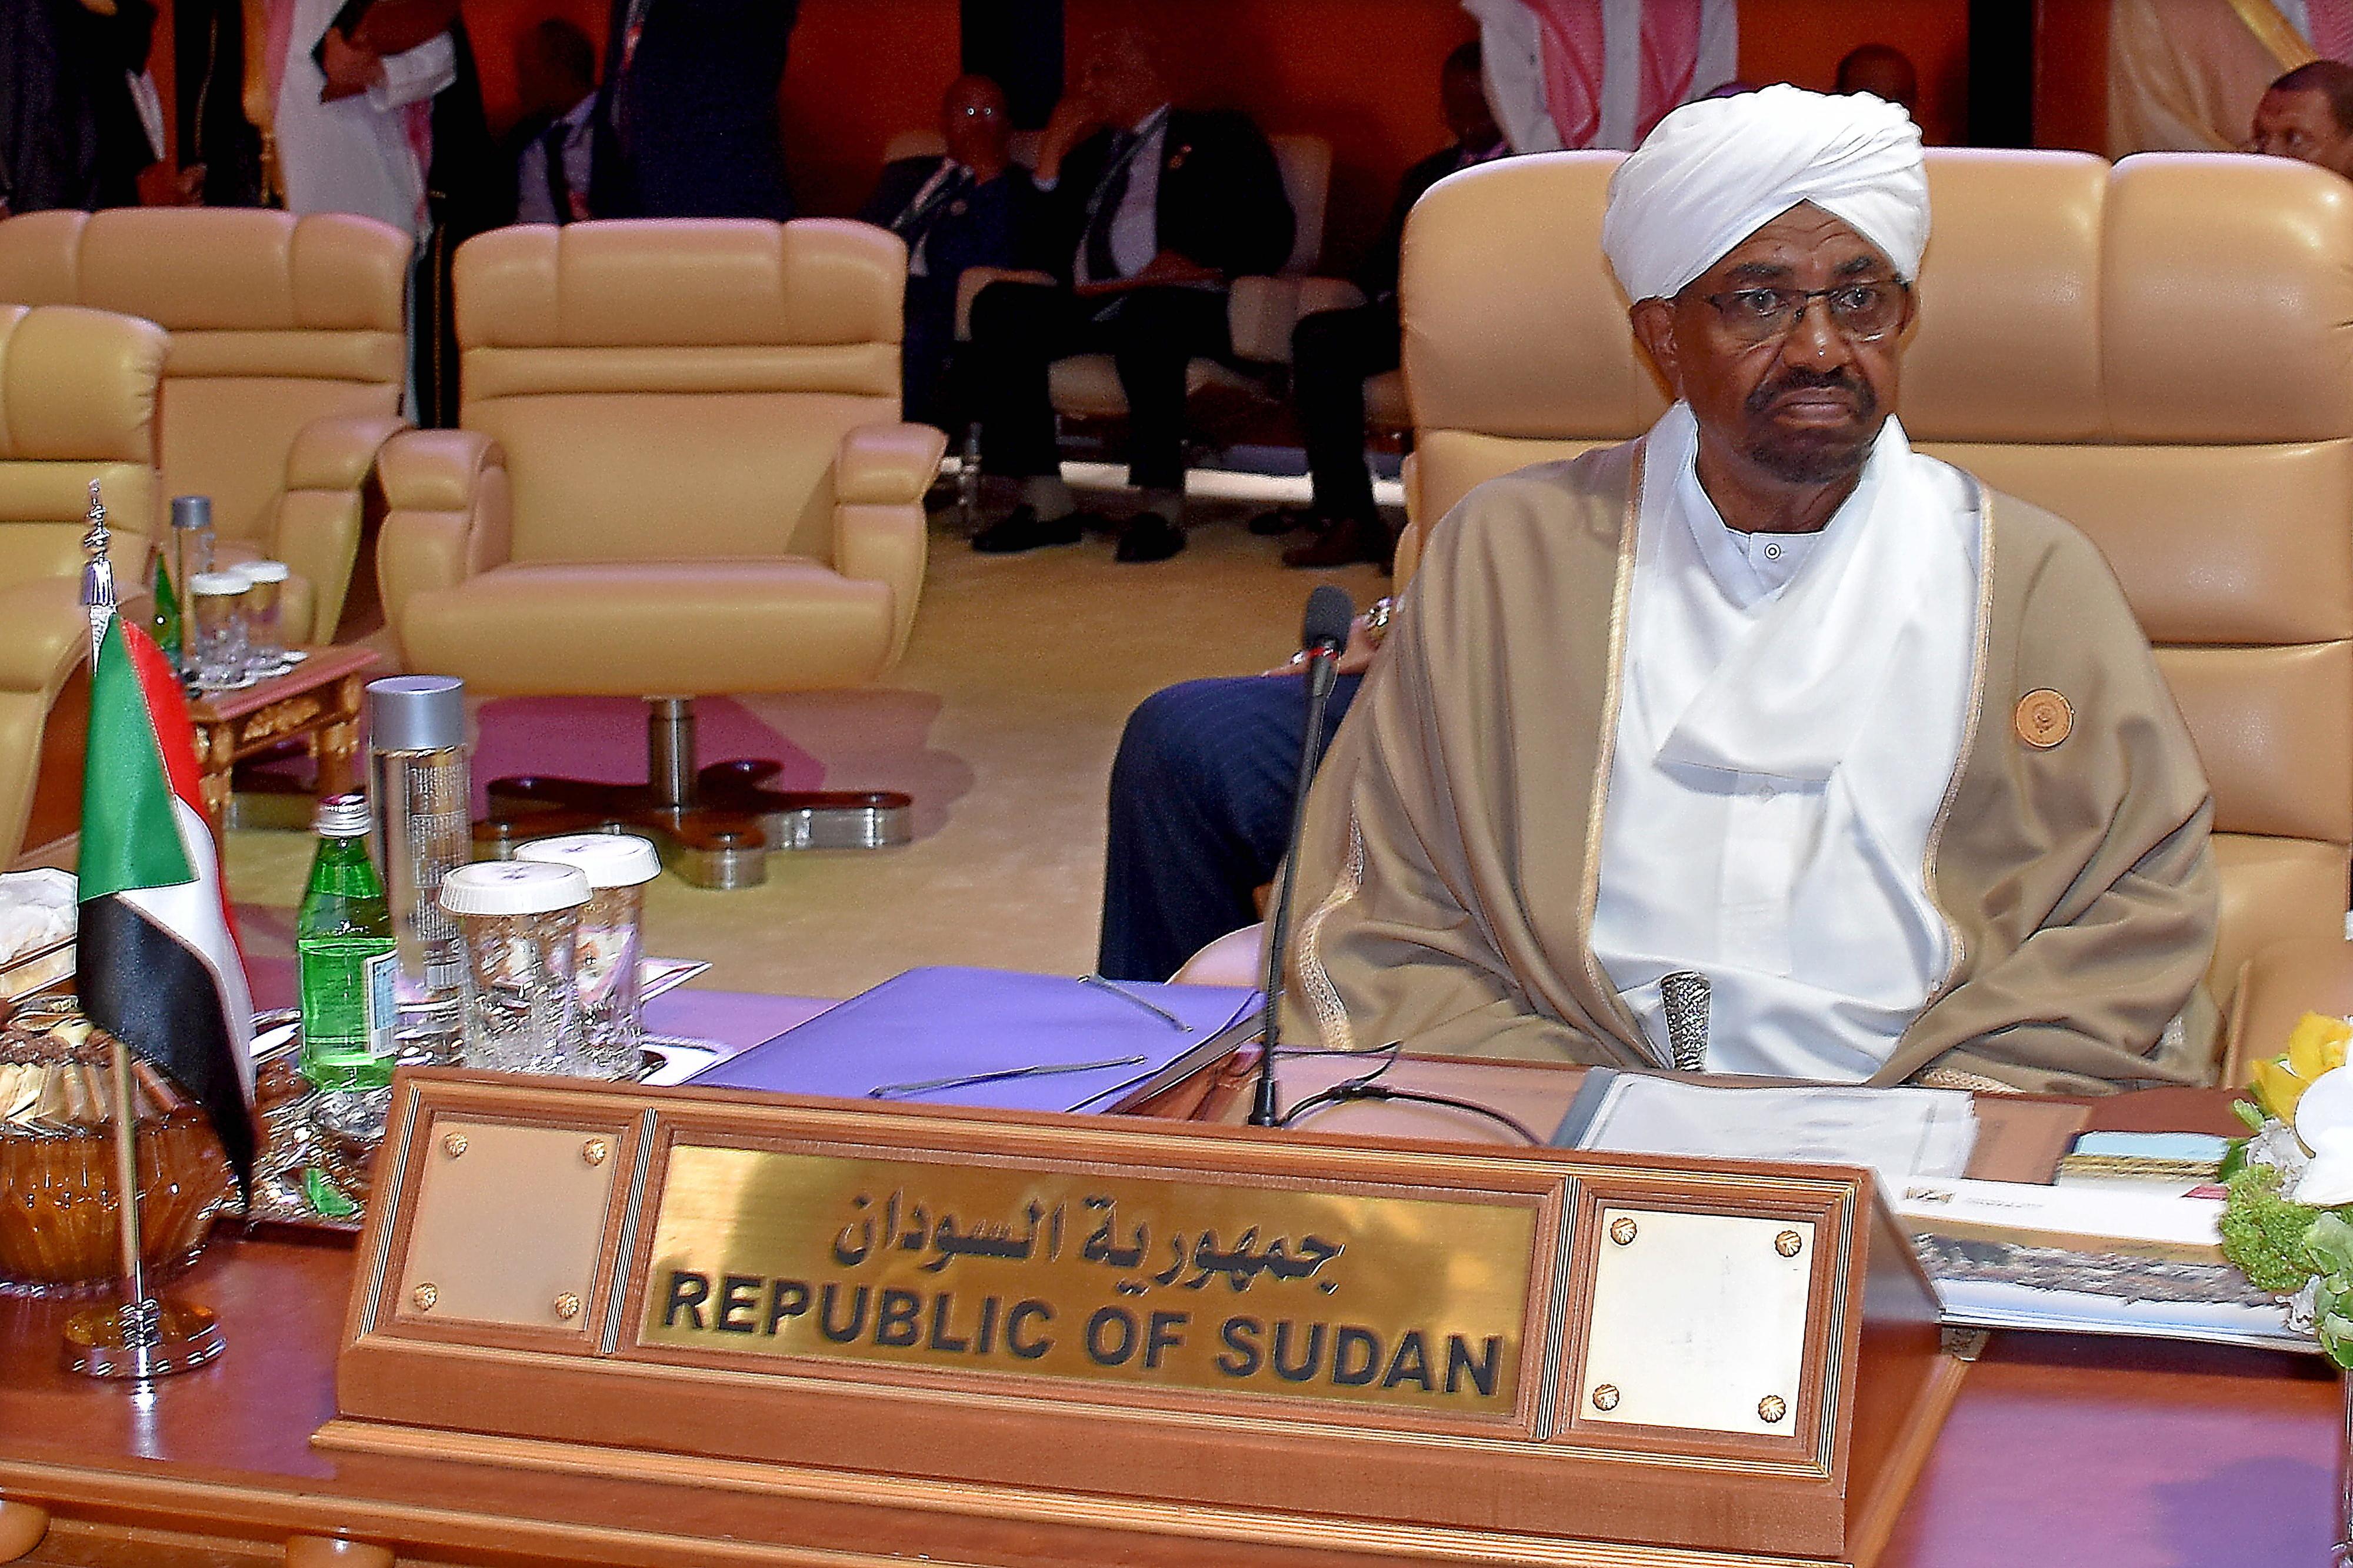 Tribunal condena ex-Presidente do Sudão Al Bashir a dois anos por corrupção